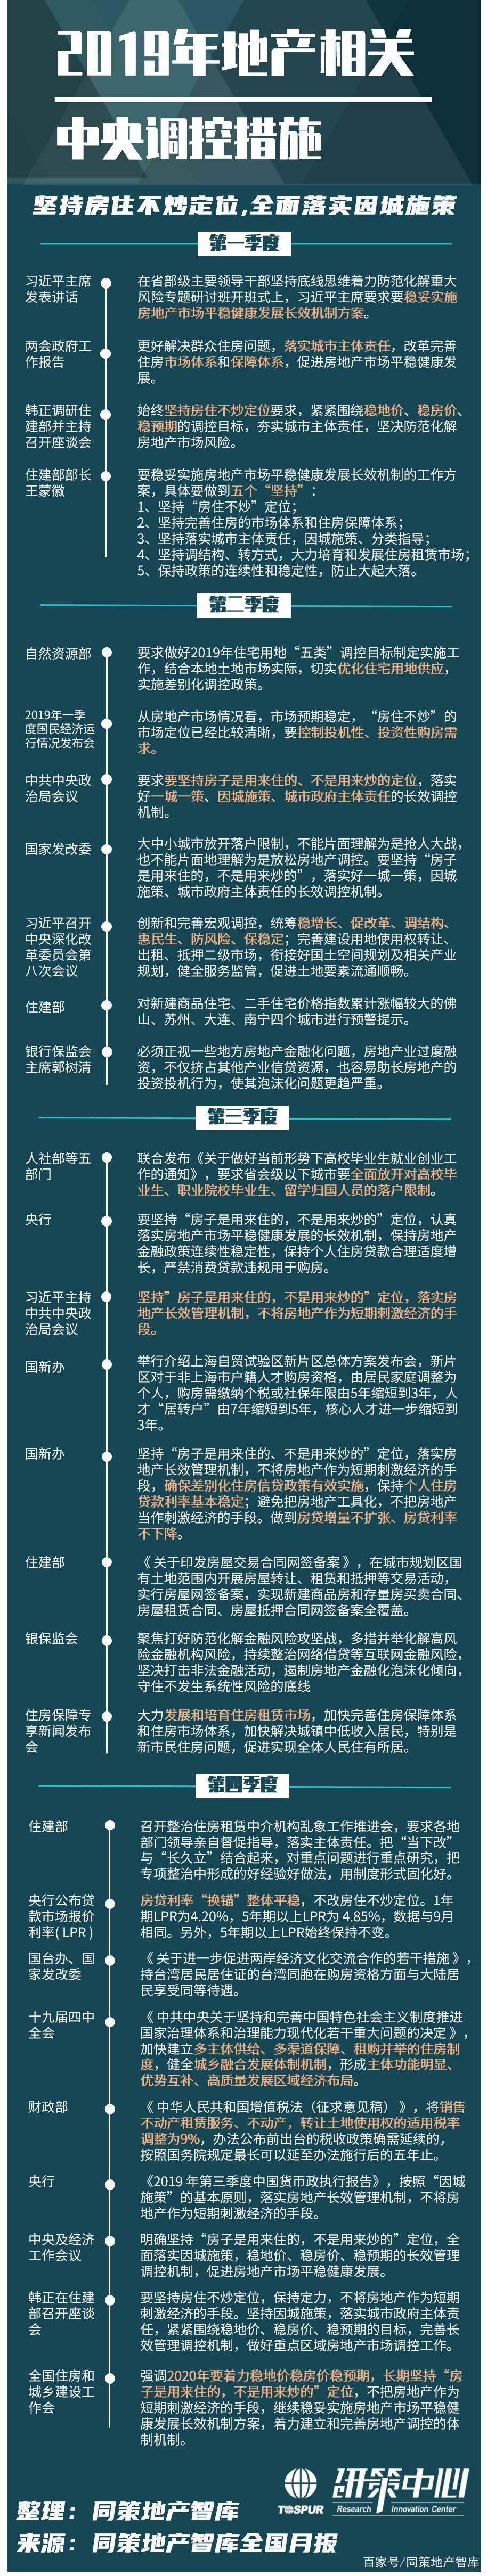 2019年全国楼市政策盘点(包含中央调控及地方政策)